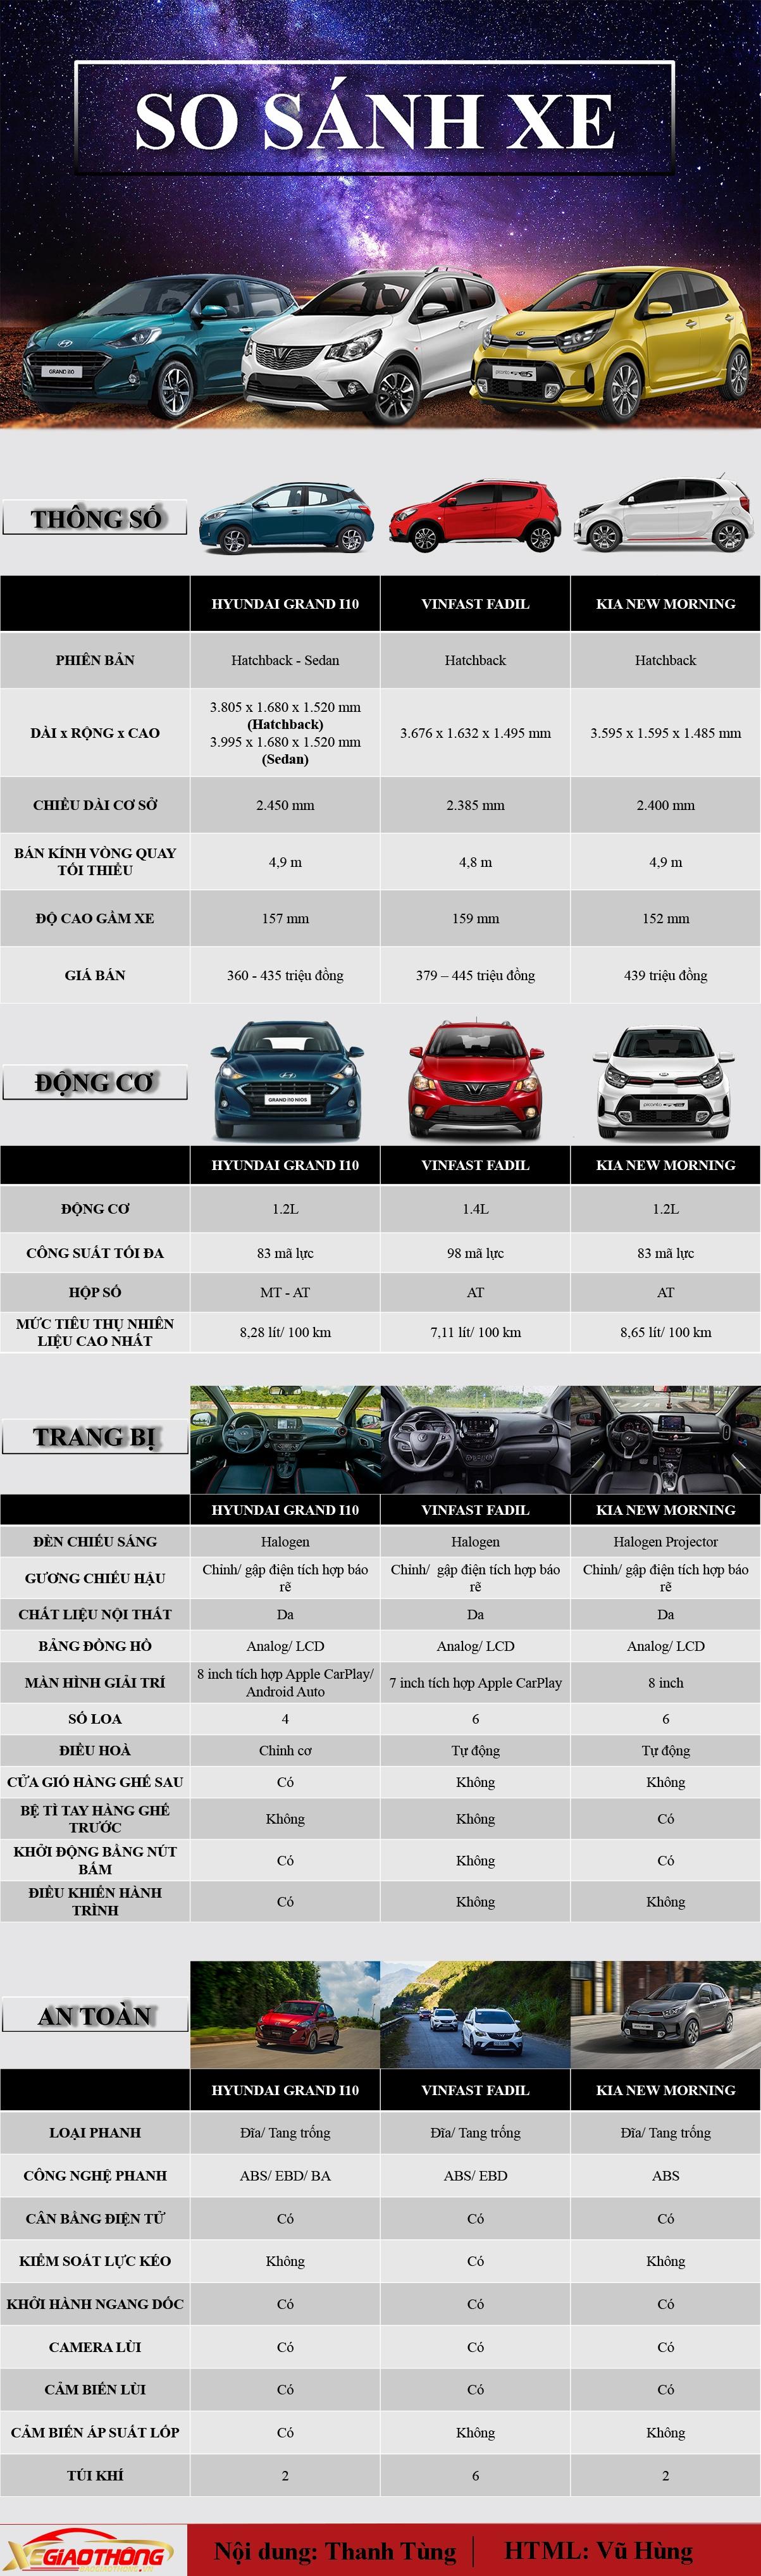 """[Infographics] So sánh Hyundai Grand i10 với hai """"đối thủ"""" VinFast Fadil và Kia Morning?  - Ảnh 1"""